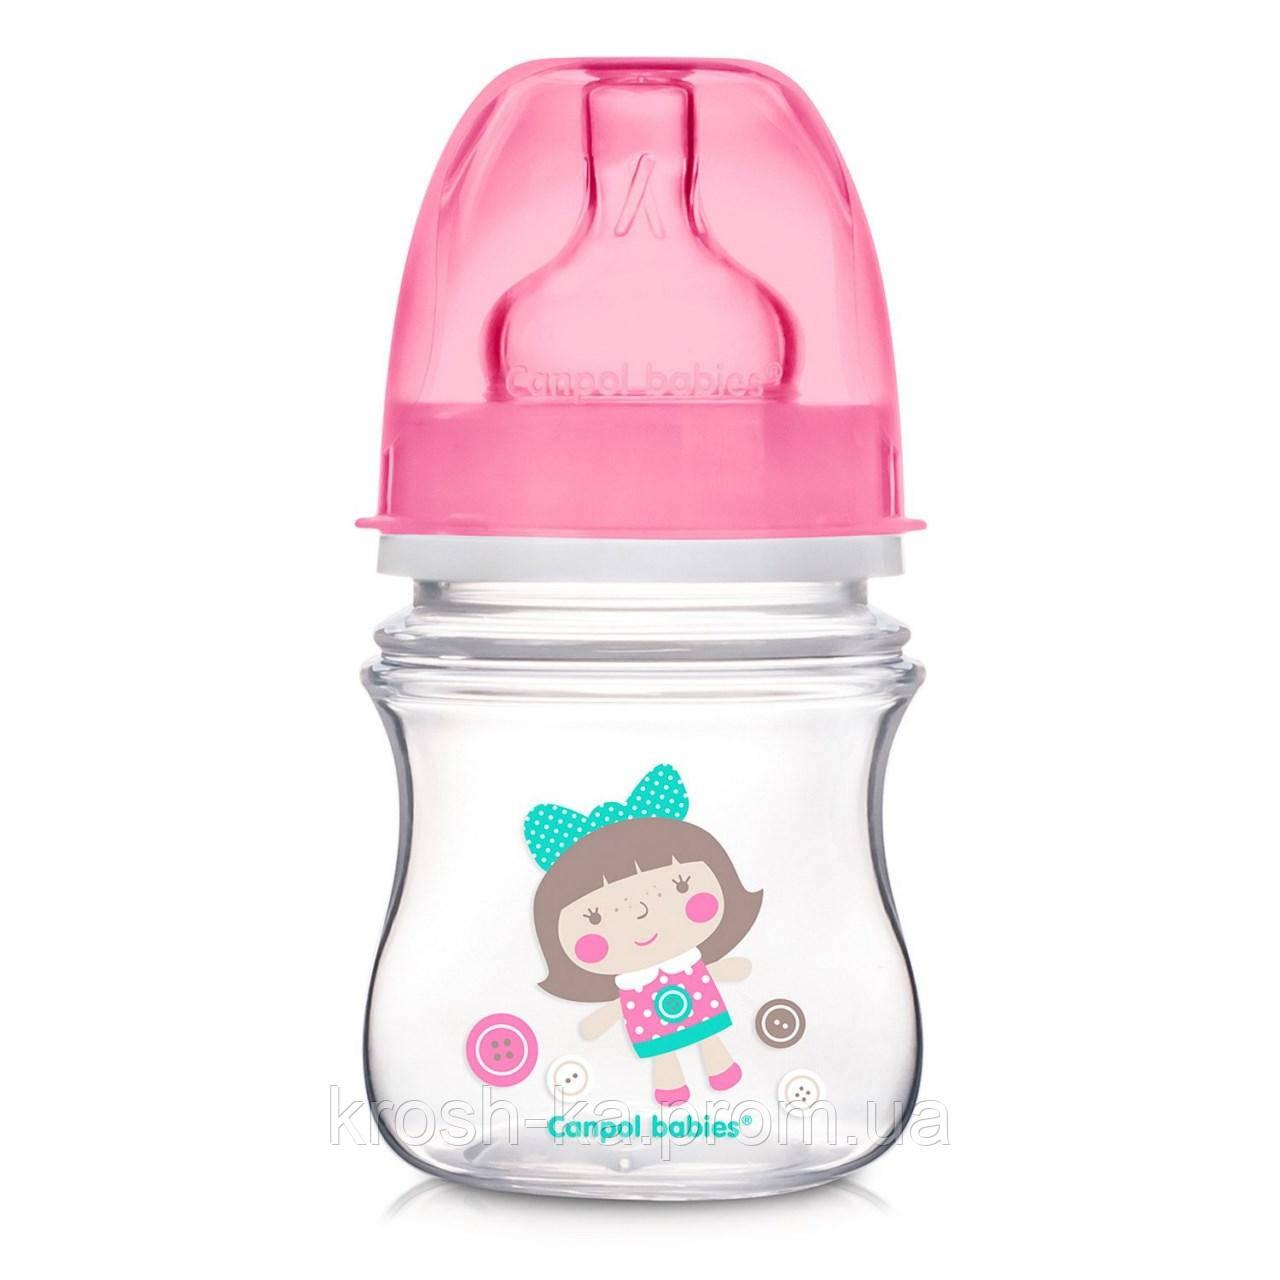 Бутылочка для кормления с широким горлом антиколик Easystart-Toys 120мл Canpol Babies Польша розовая 35/220